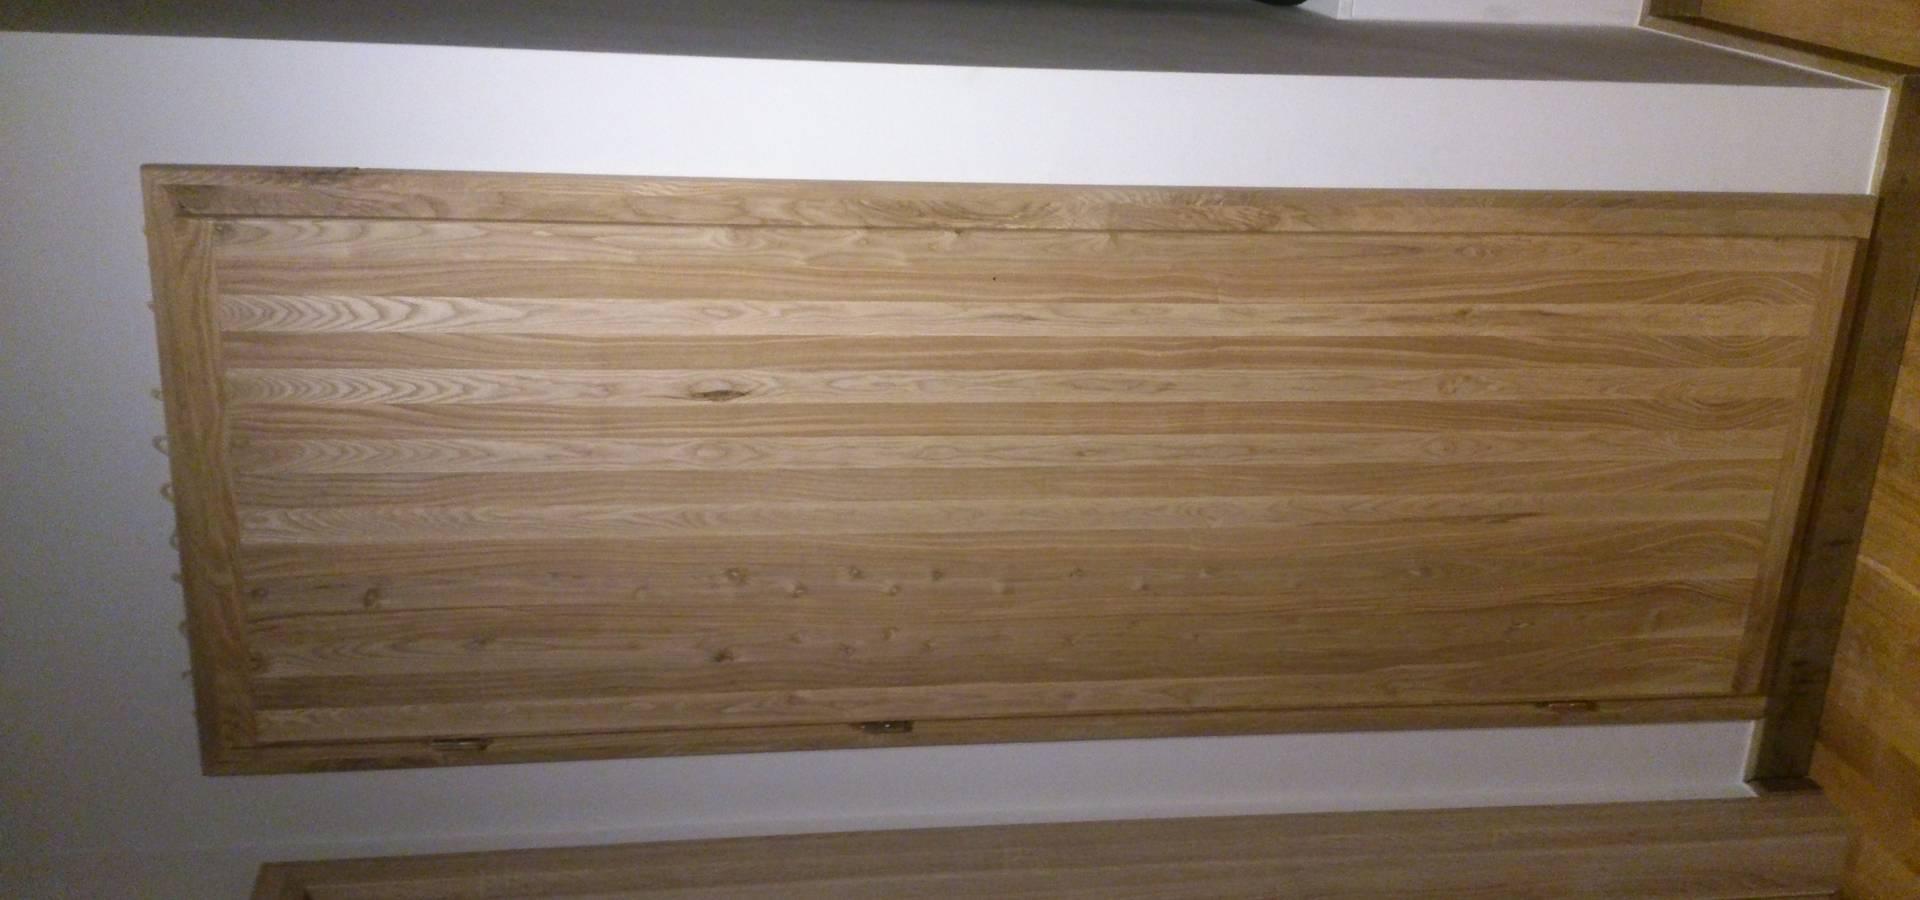 Wood Art Stolarstwo